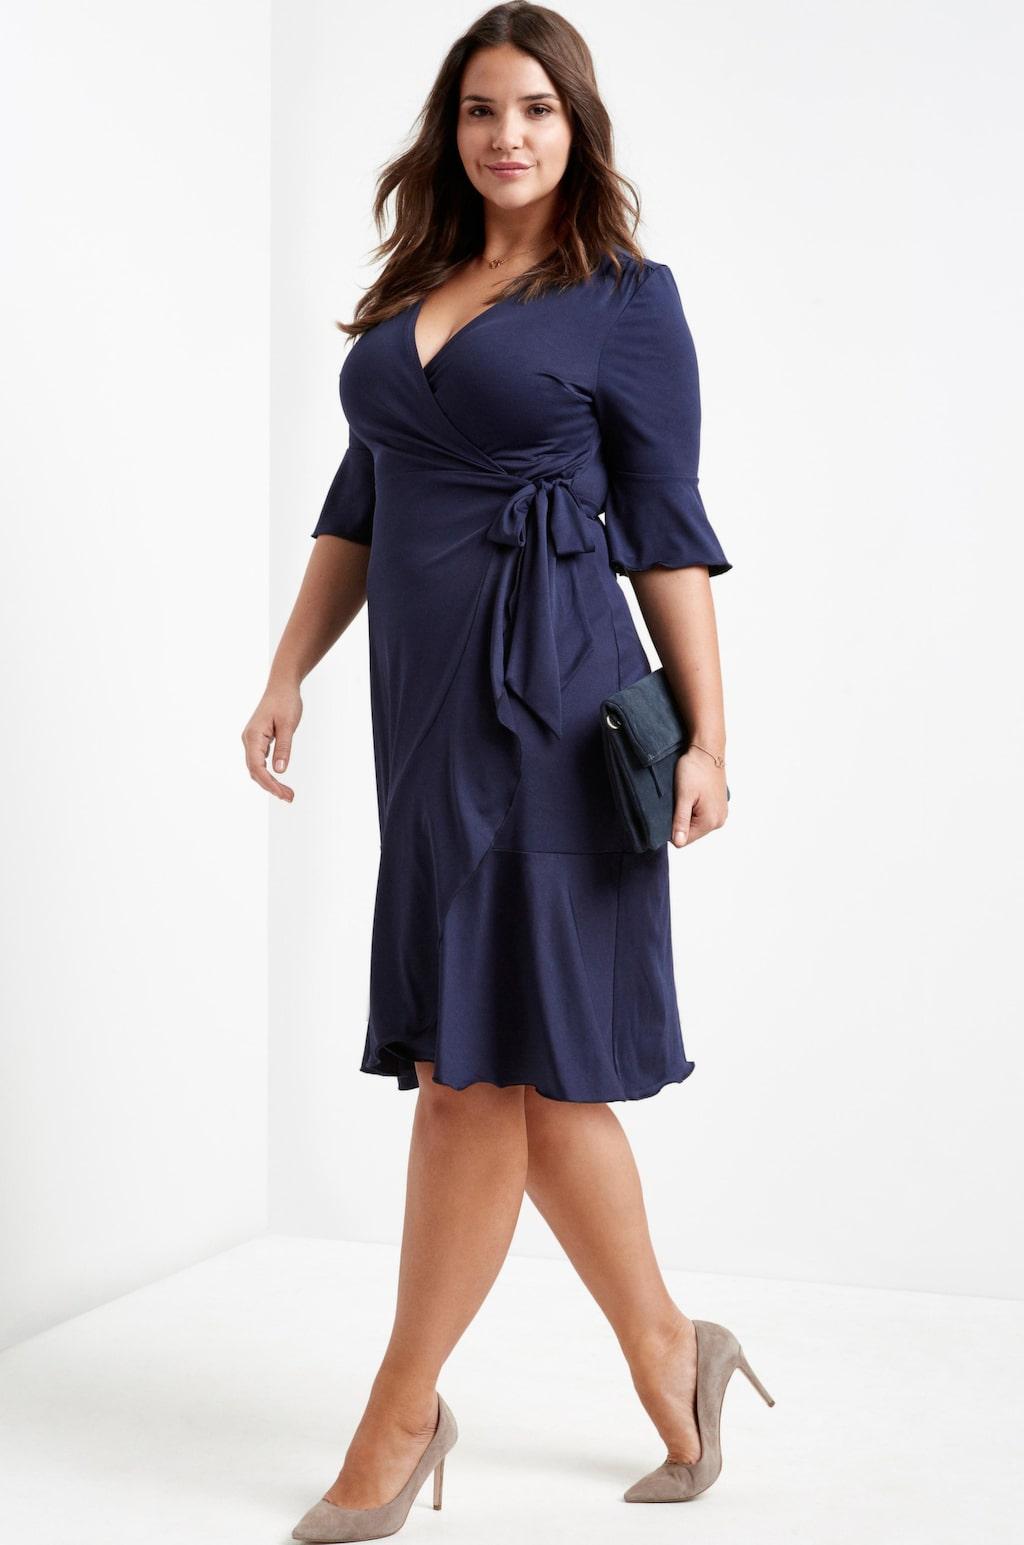 Klänning i feminin Omlottmodell med 3/4-lång volangärm. 399 kronor, Ellos Plus collection.